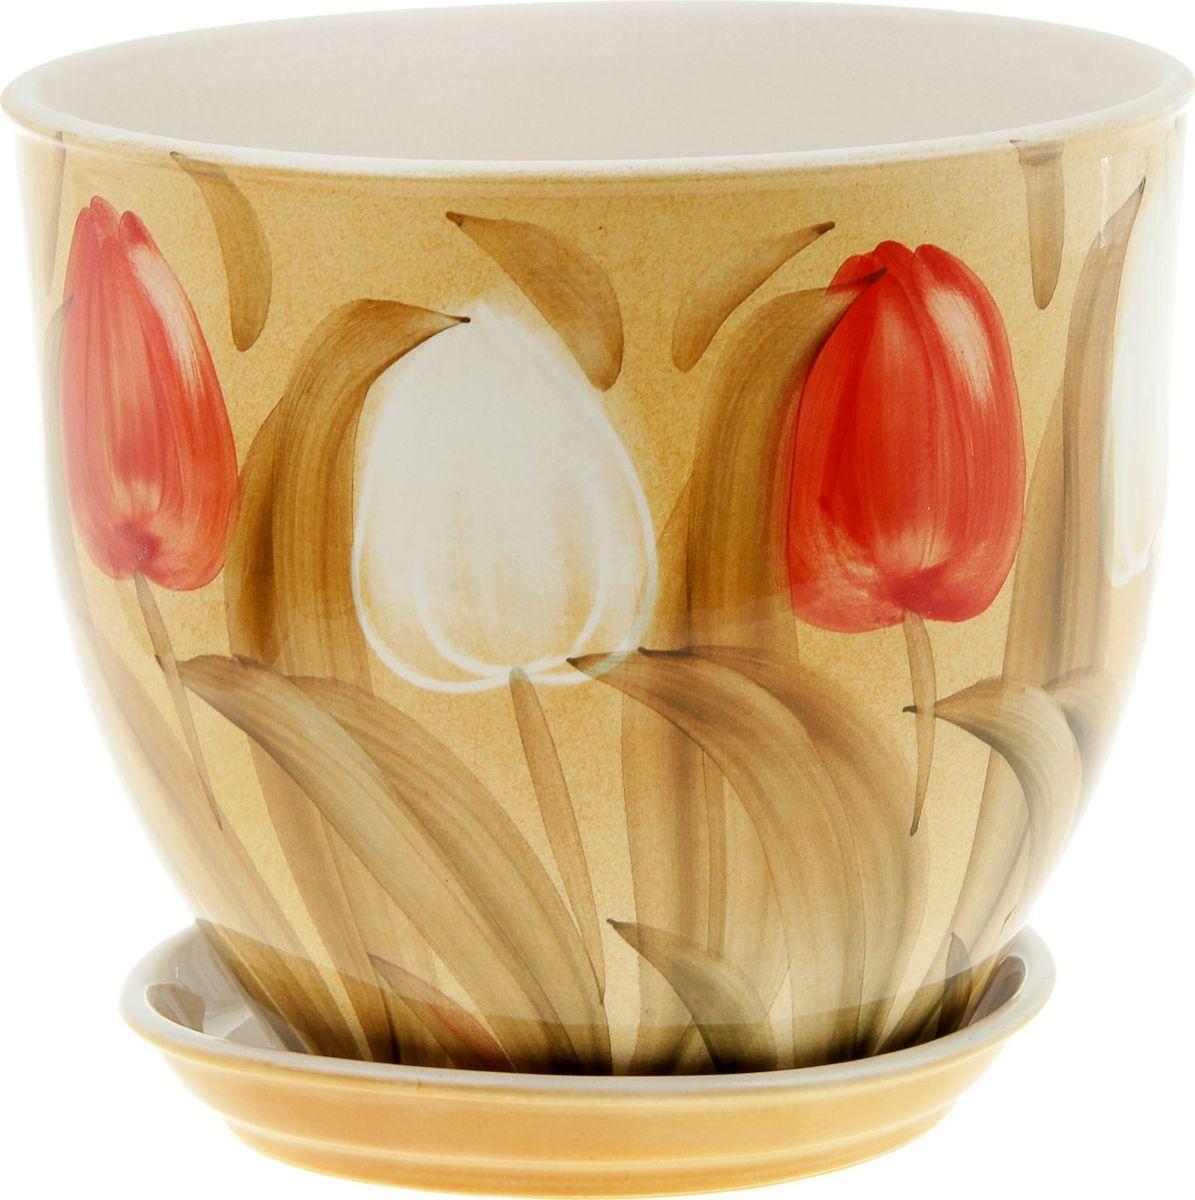 Кашпо Керамика ручной работы Виктор. Тюльпаны, 4 л835567Комнатные растения — всеобщие любимцы. Они радуют глаз, насыщают помещение кислородом и украшают пространство. Каждому из них необходим свой удобный и красивый дом. Кашпо из керамики прекрасно подходят для высадки растений: за счёт пластичности глины и разных способов обработки существует великое множество форм и дизайновпористый материал позволяет испаряться лишней влагевоздух, необходимый для дыхания корней, проникает сквозь керамические стенки! #name# позаботится о зелёном питомце, освежит интерьер и подчеркнёт его стиль.